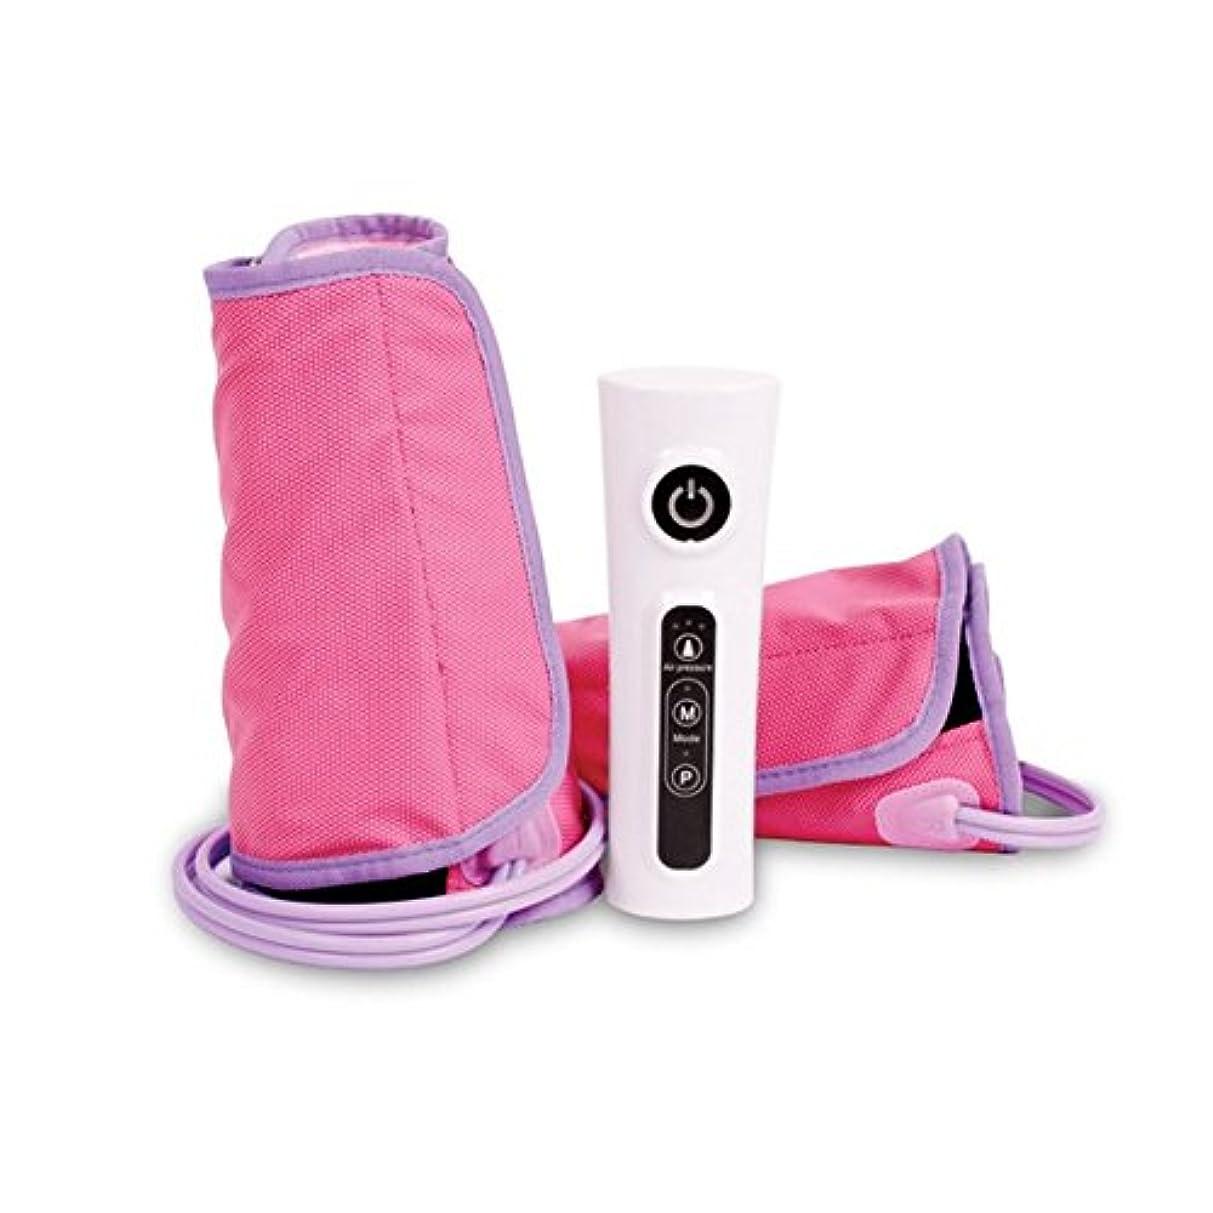 やりがいのあるビバ領収書Zespa ZP418 Rechargeable Line slimming Air Compression calf Leg Arm Foot Massager 360 rotary air pressure massage...